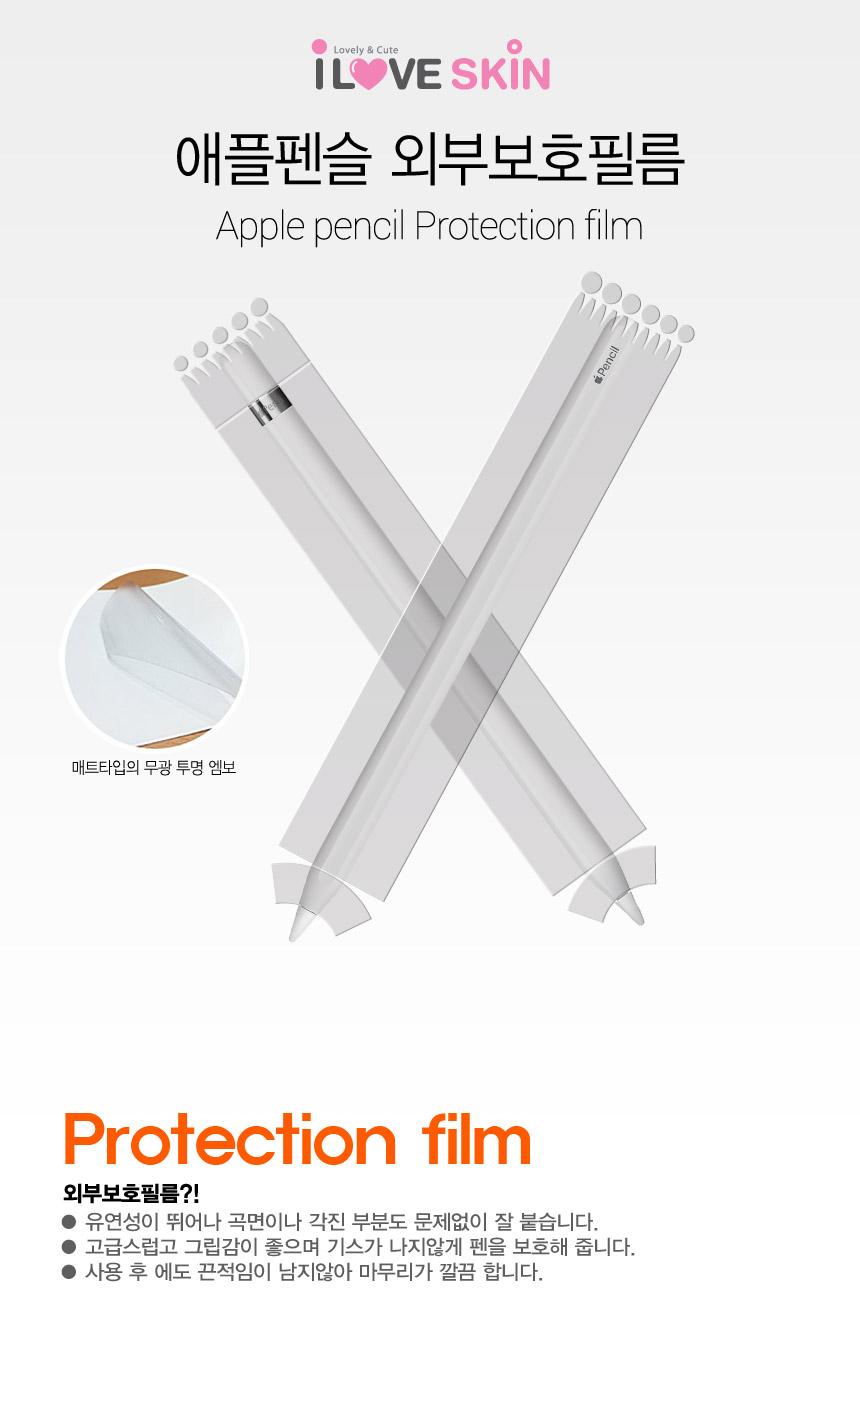 애플펜슬 1세대 투명 보호필름 3매 - 알럽스킨, 6,900원, 필름/스킨, 아이패드/미니